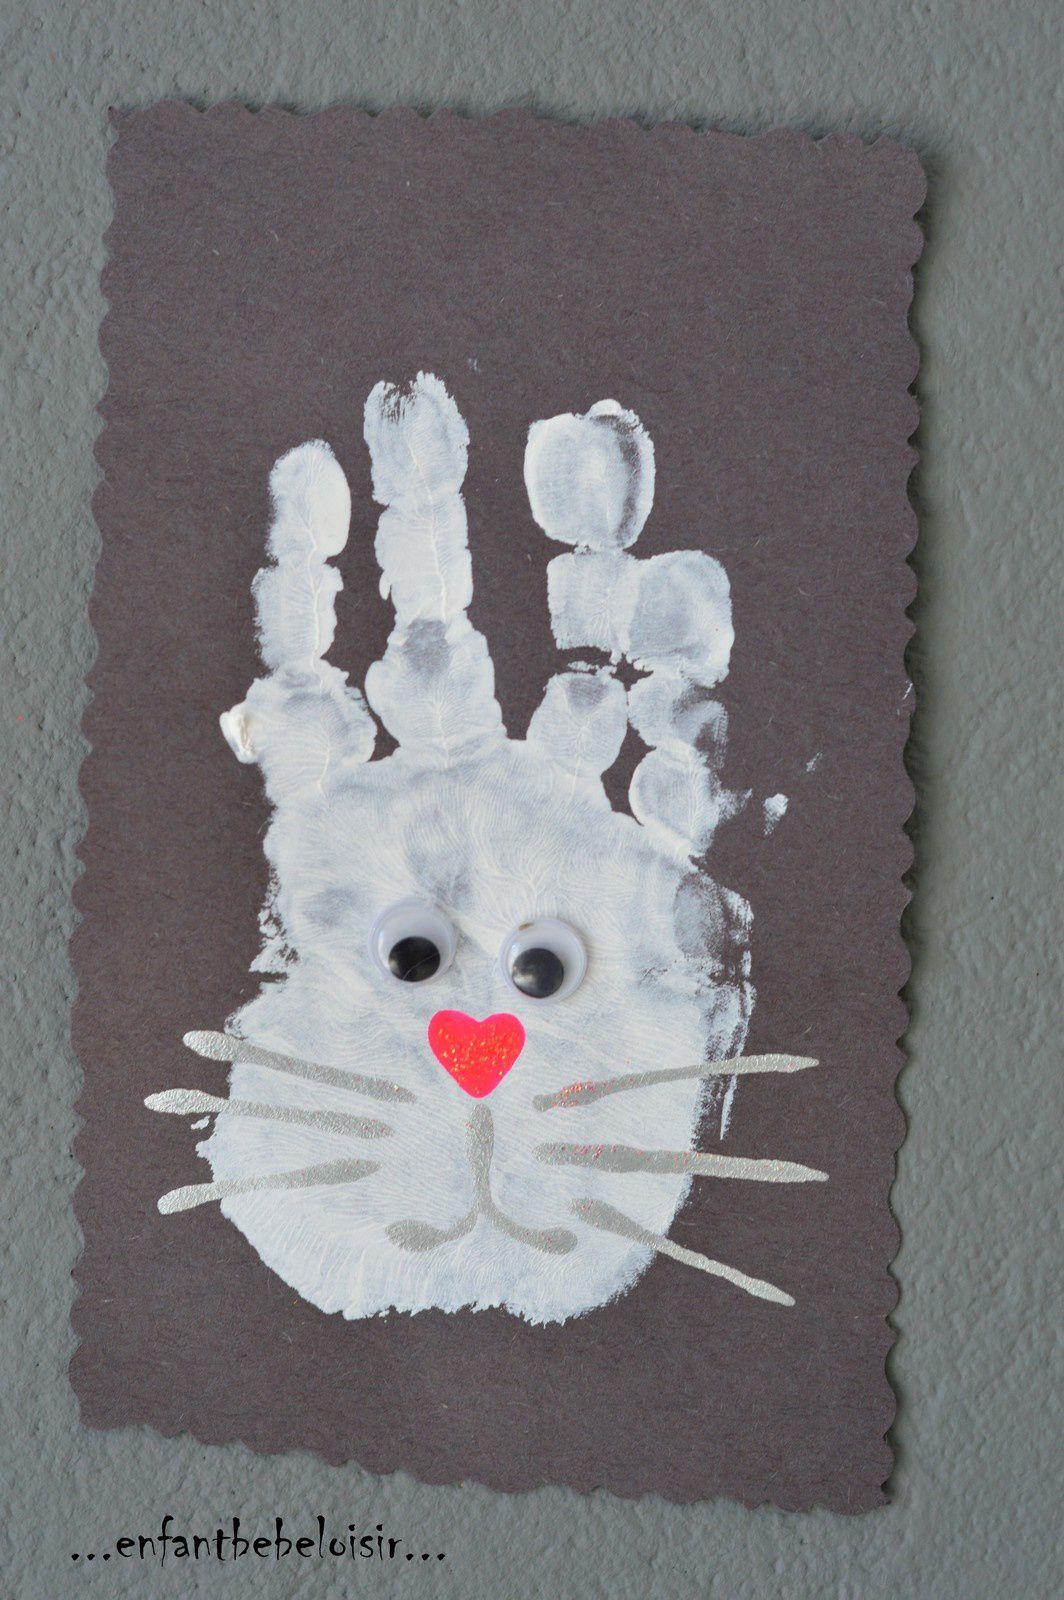 Un lapinou de p ques peinture l 39 emprinte enfant b b loisir - Loisirs creatifs pour enfants ...